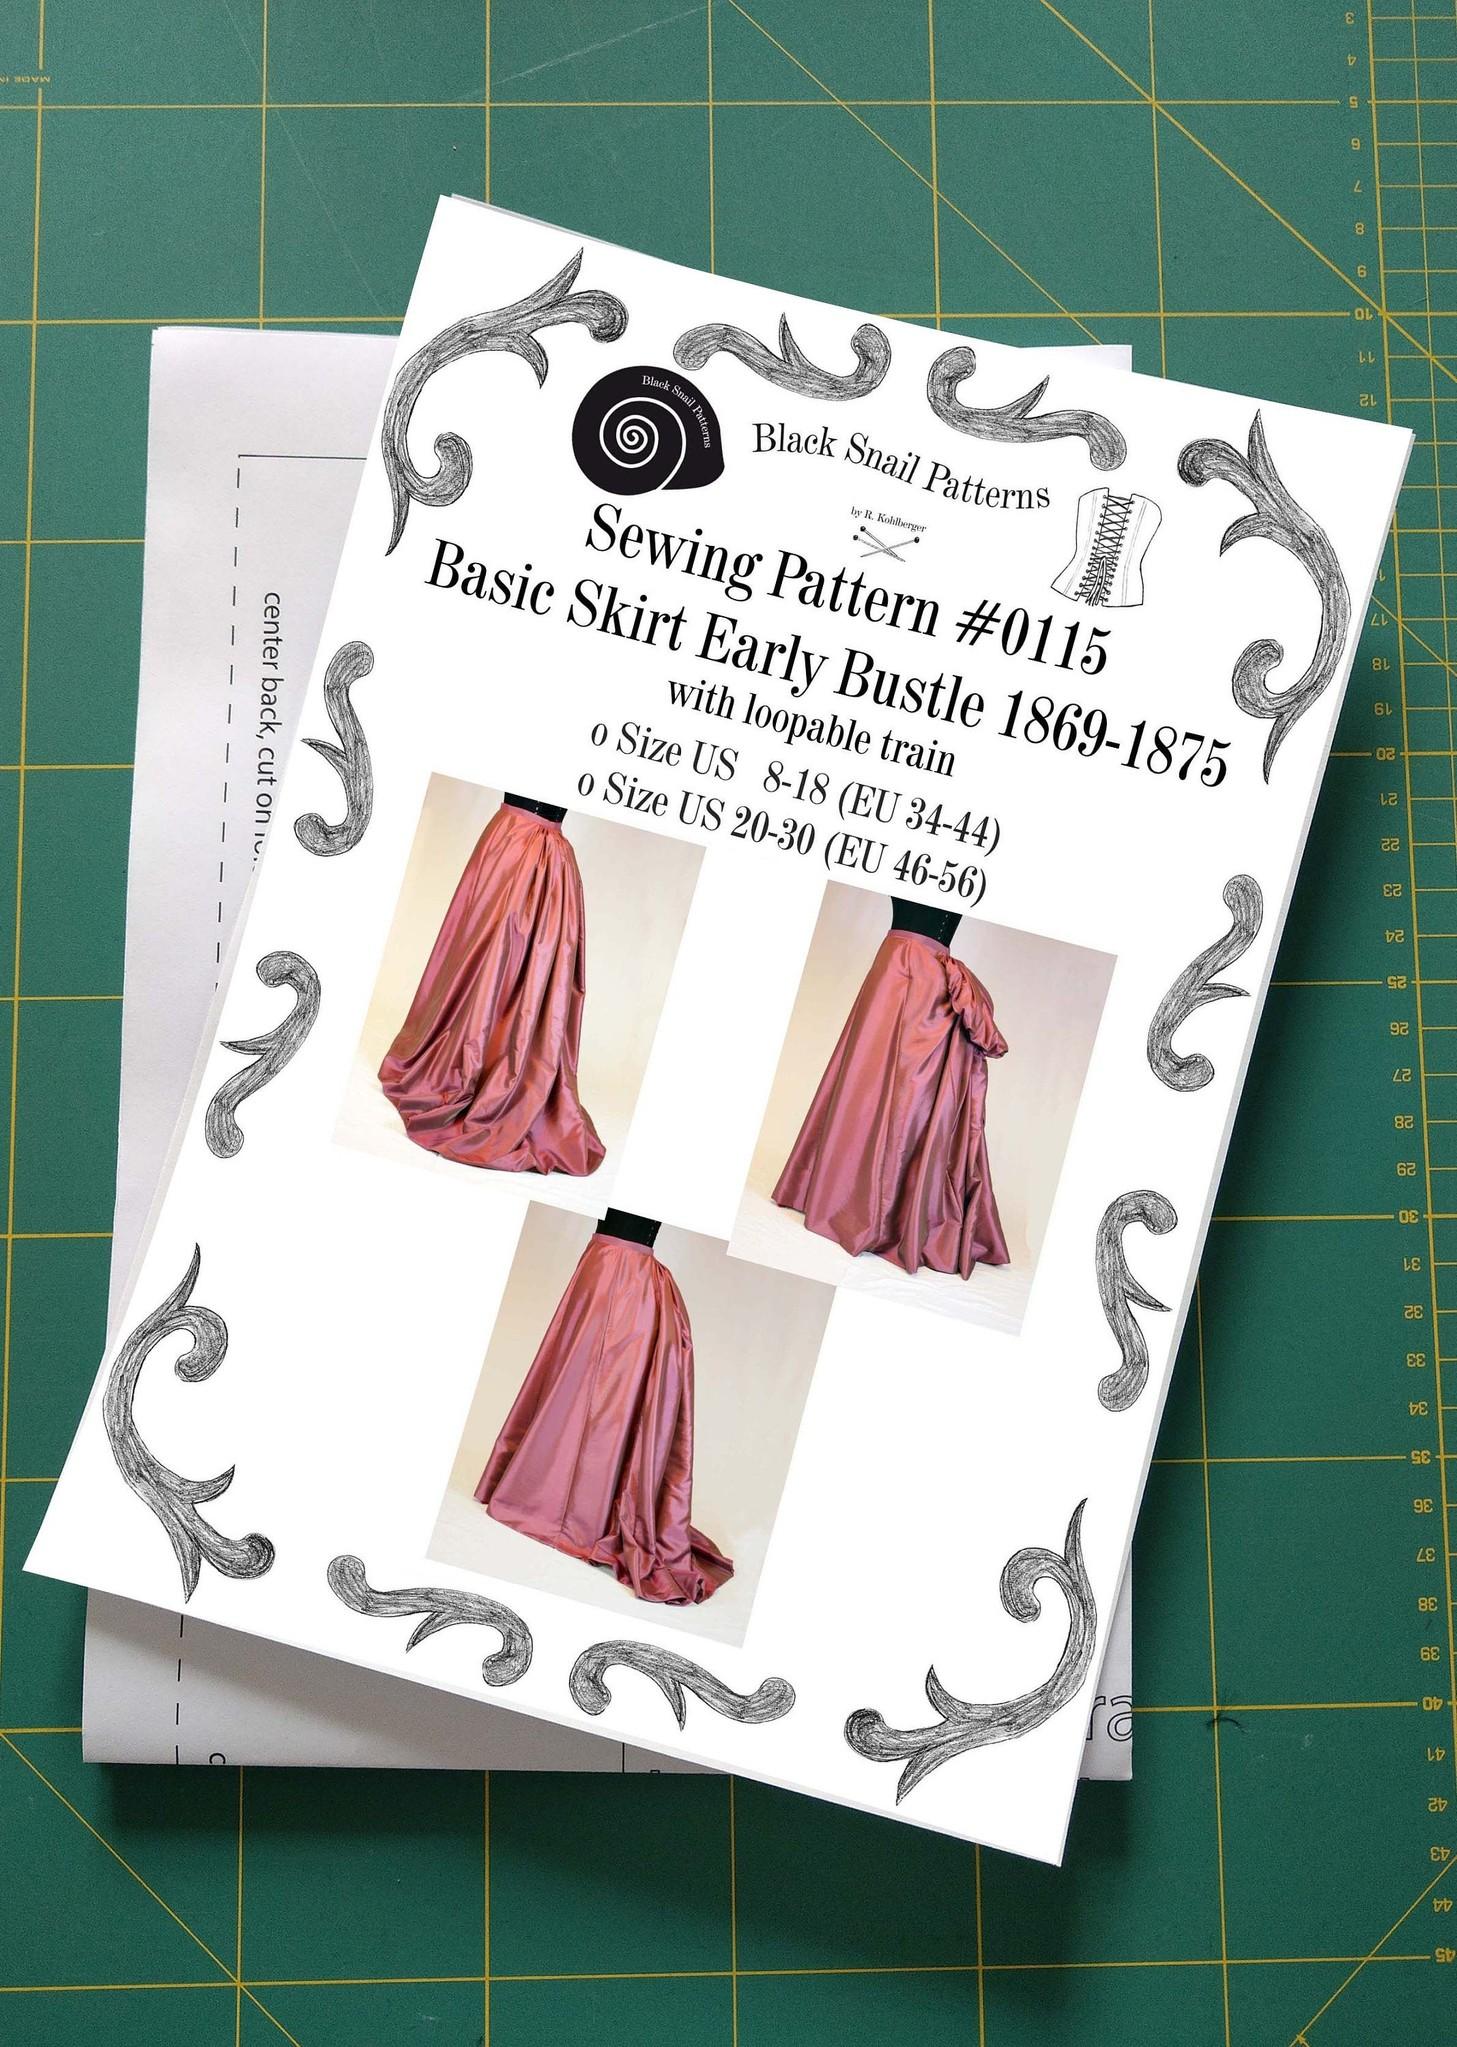 Black Snail Patterns Black Snail Patterns Victorian Basic skirt 1869-1875